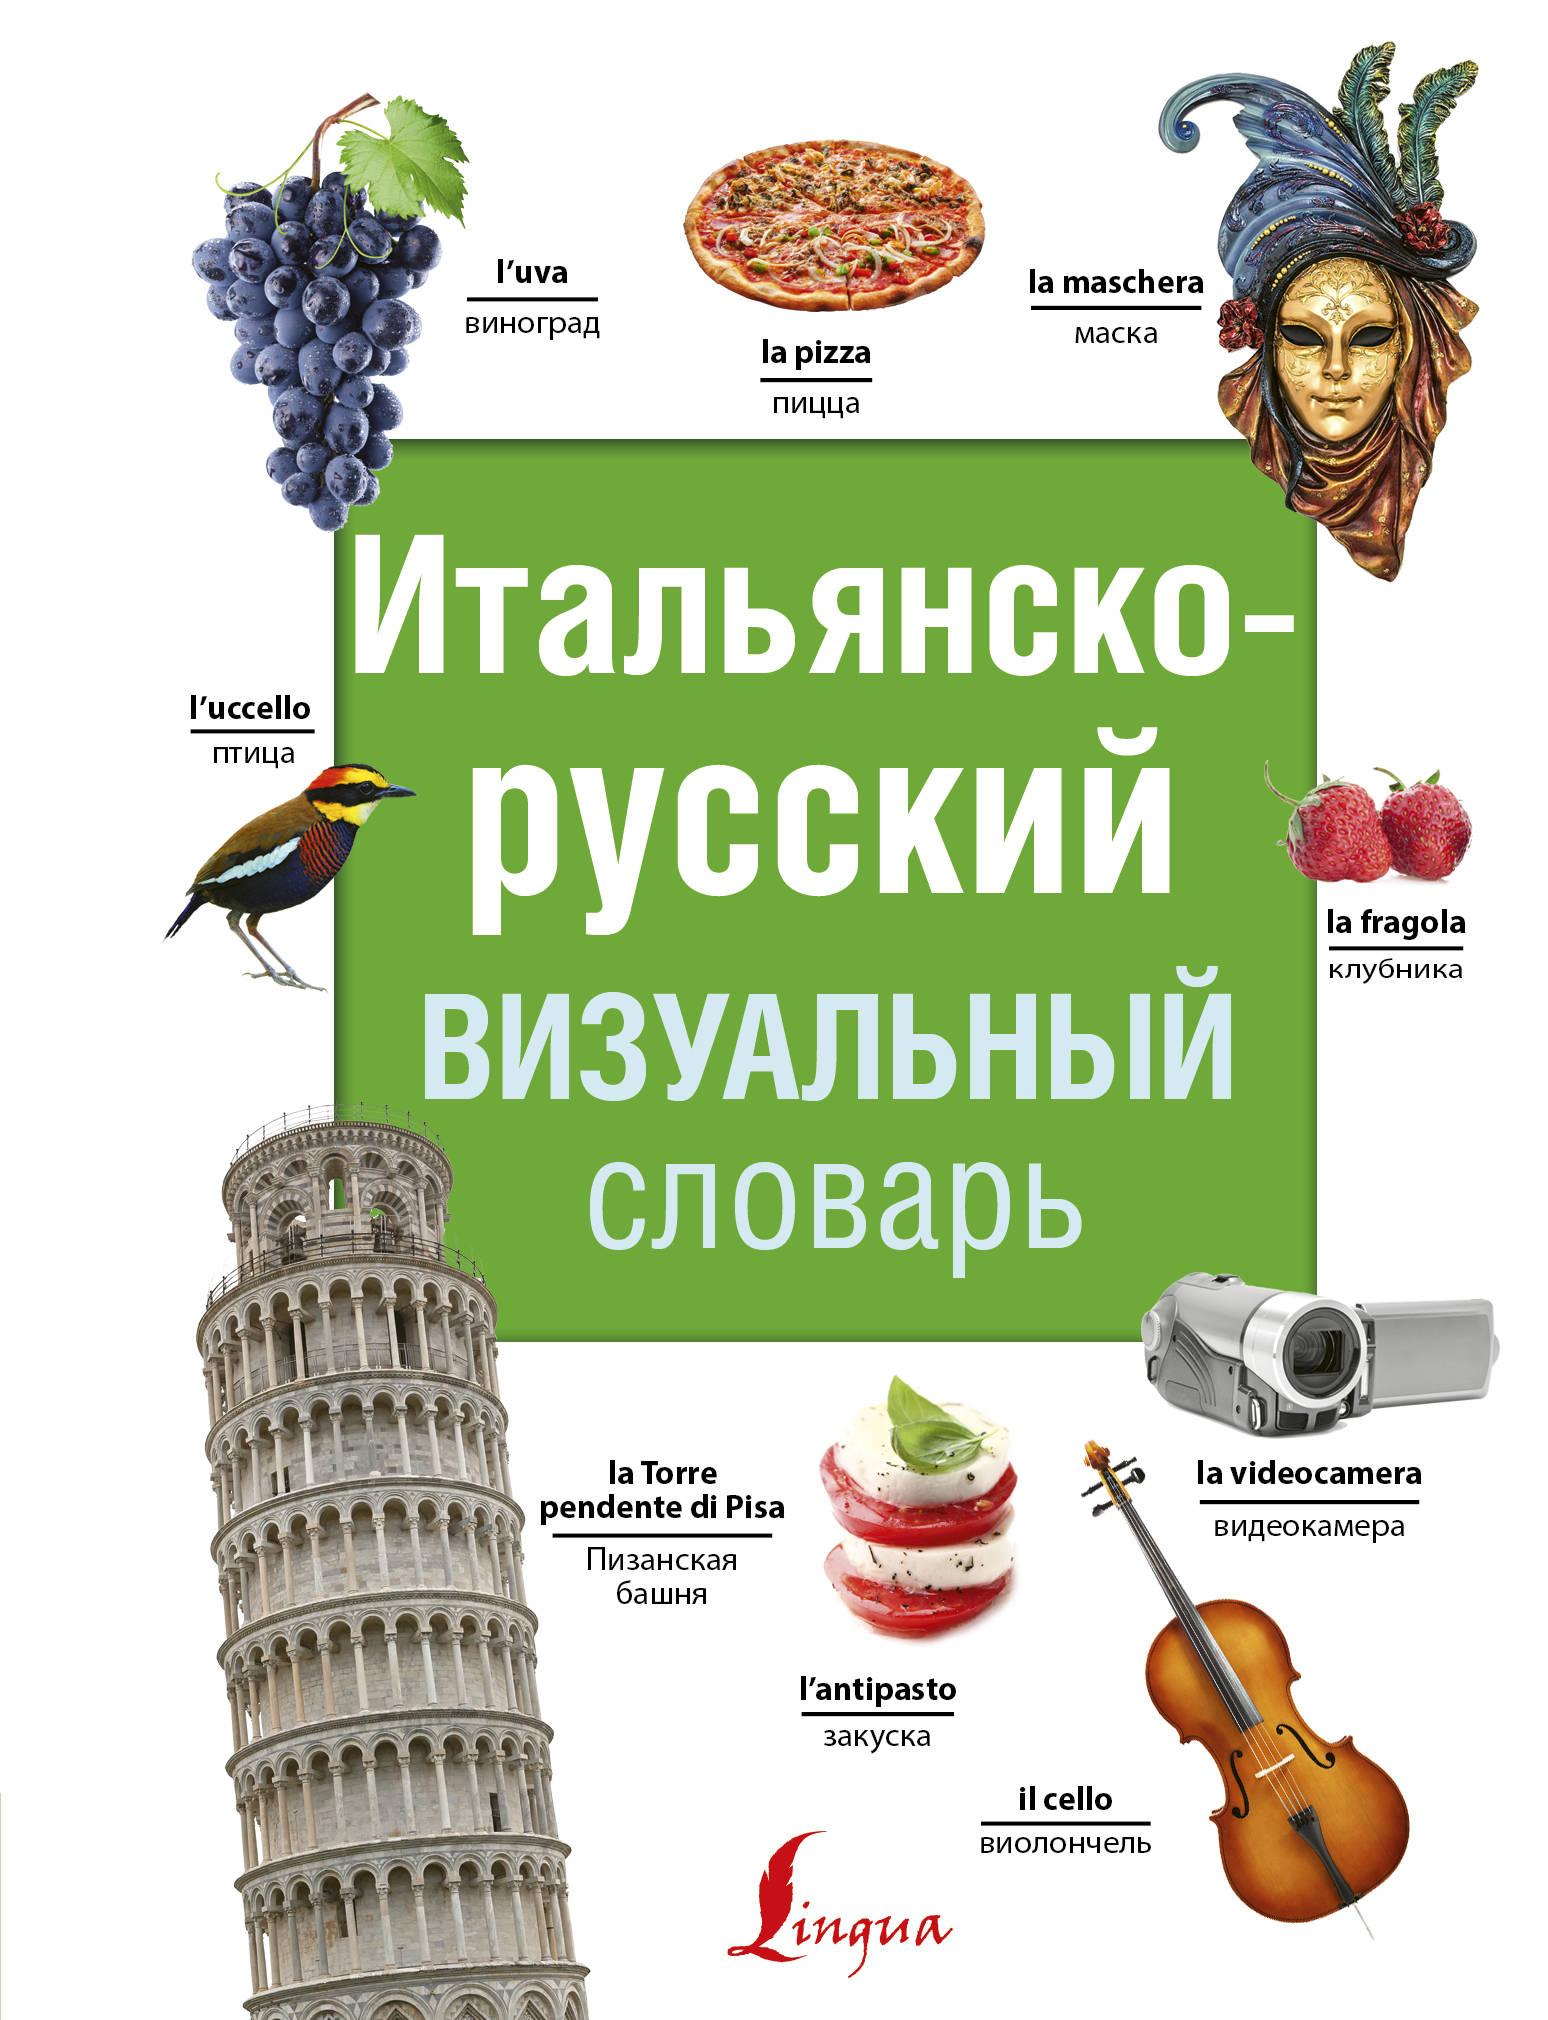 Italjansko-russkij vizualnyj slovar